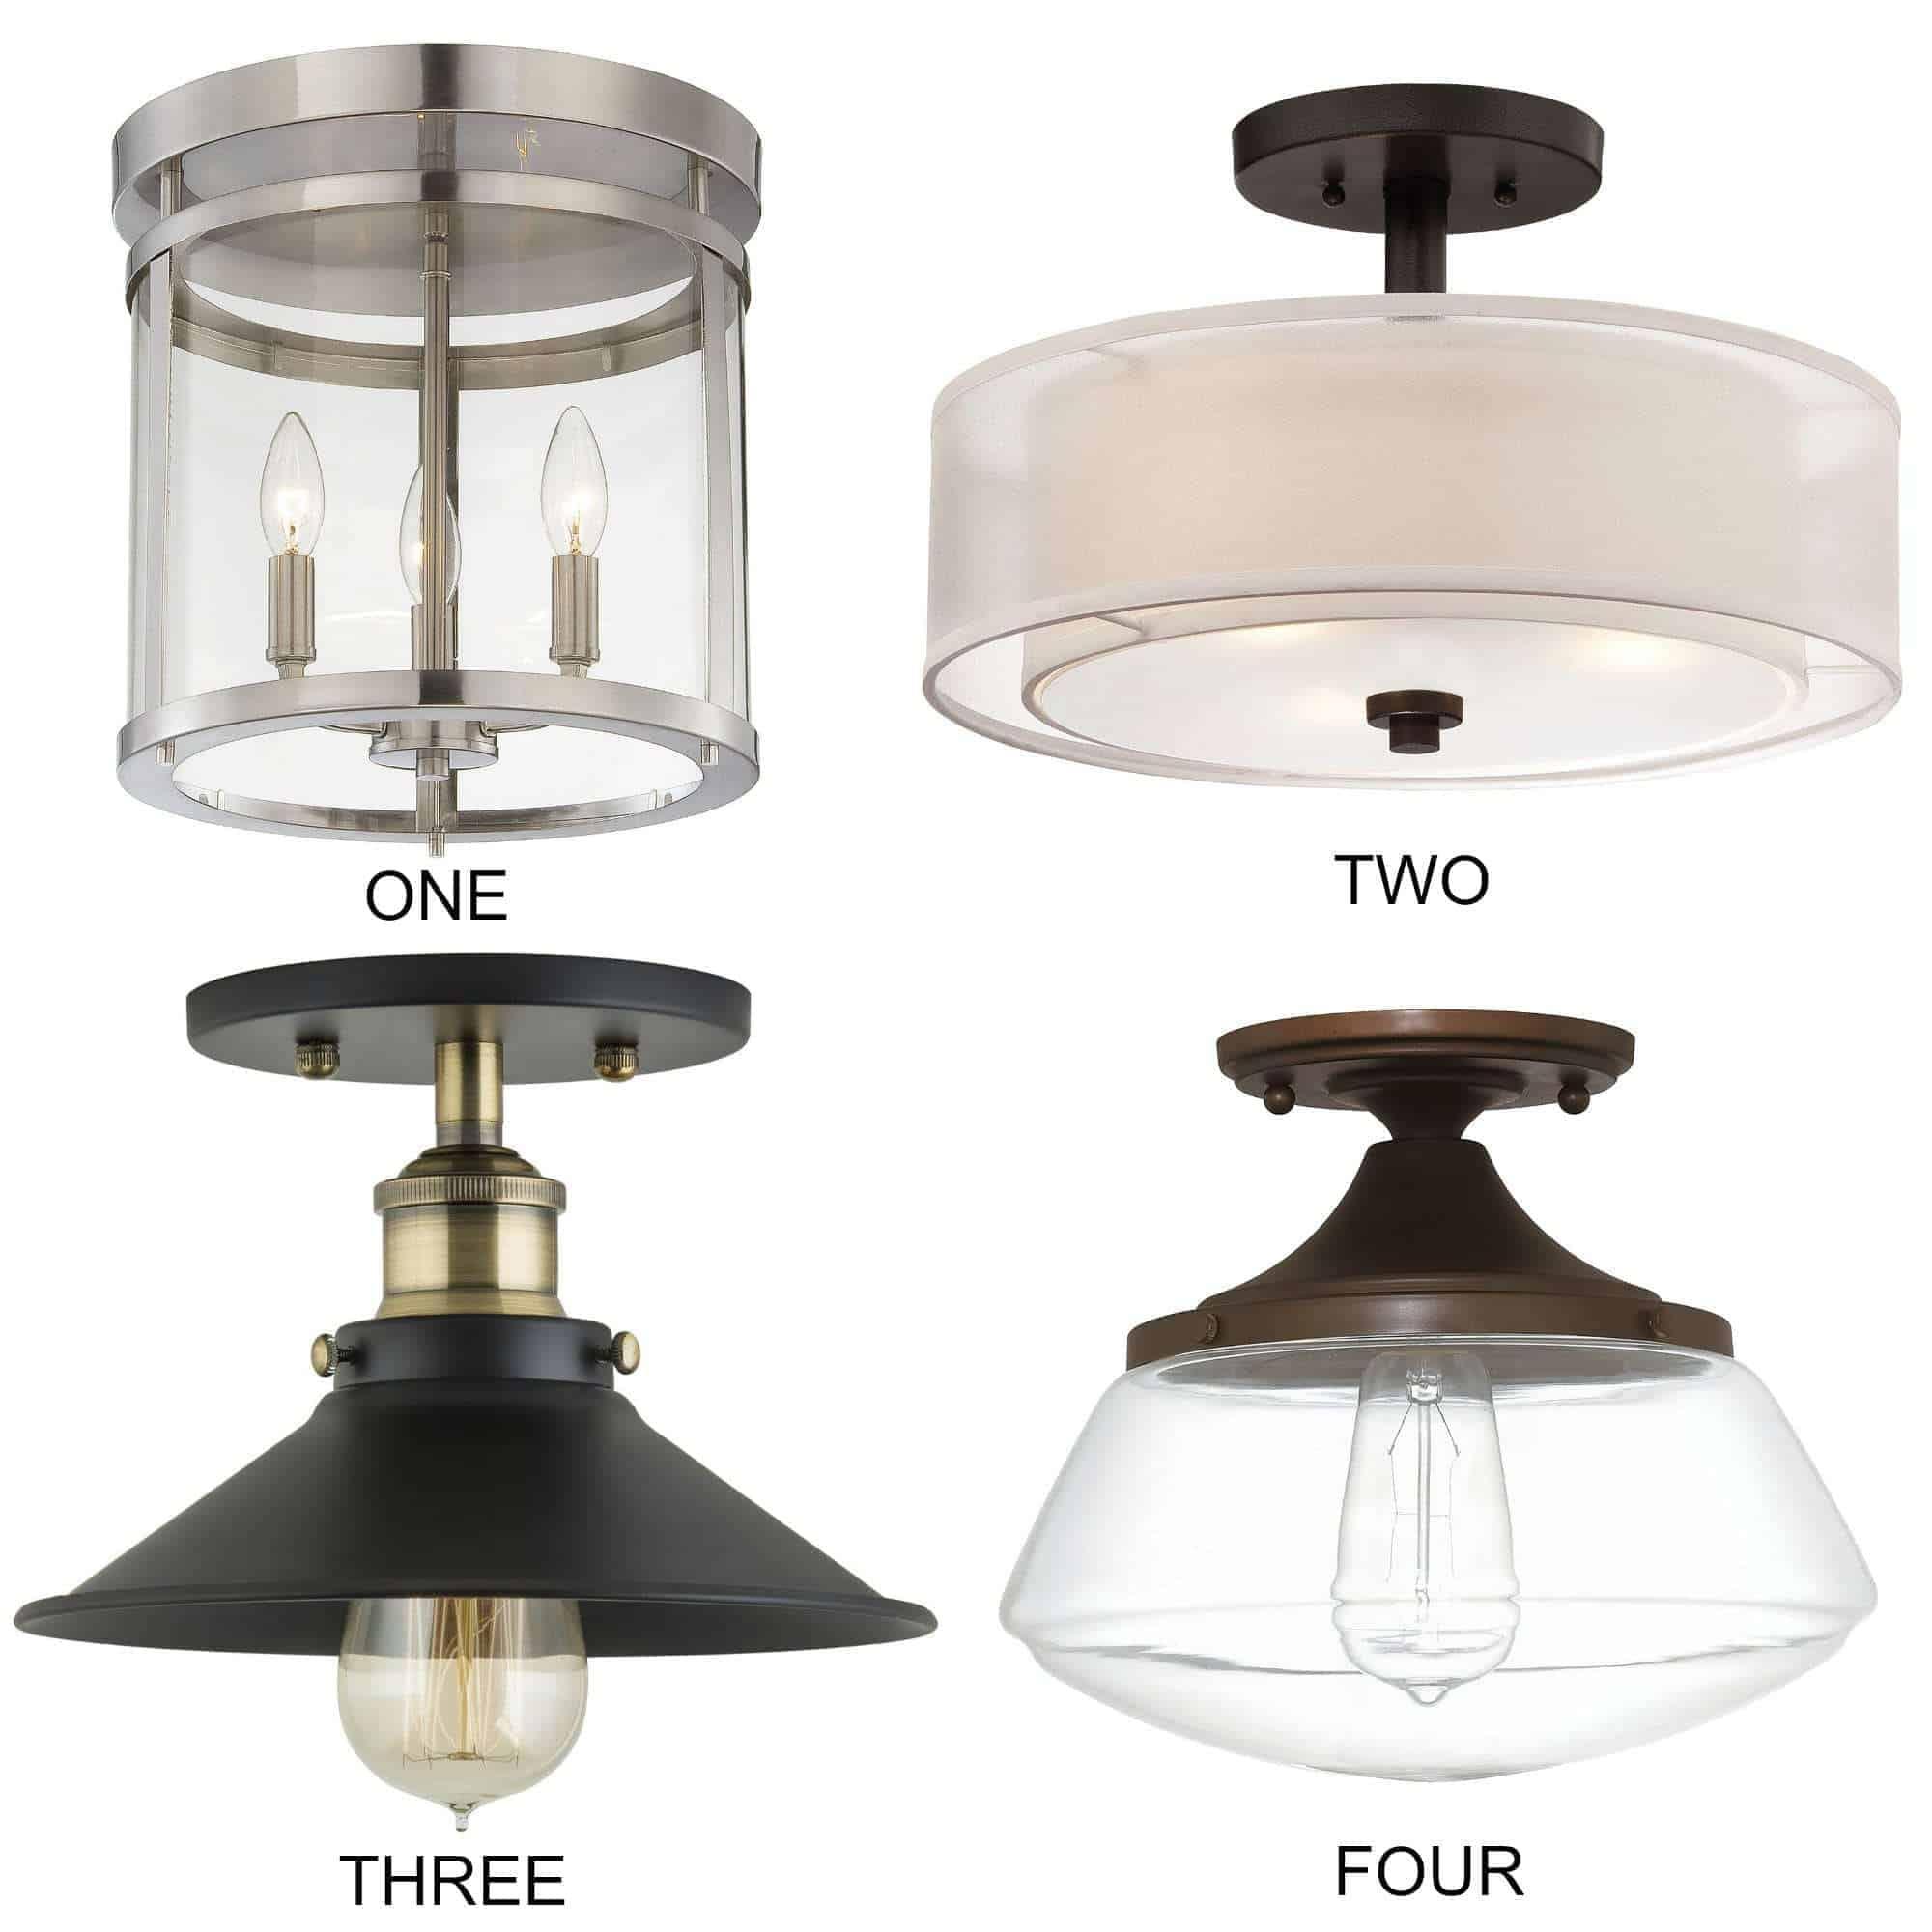 farmhouse kitchen lighting farmhouse kitchen lighting fixtures 8 flush mount kitchen lighting fixtures ideas that will add that farmhouse style to your space